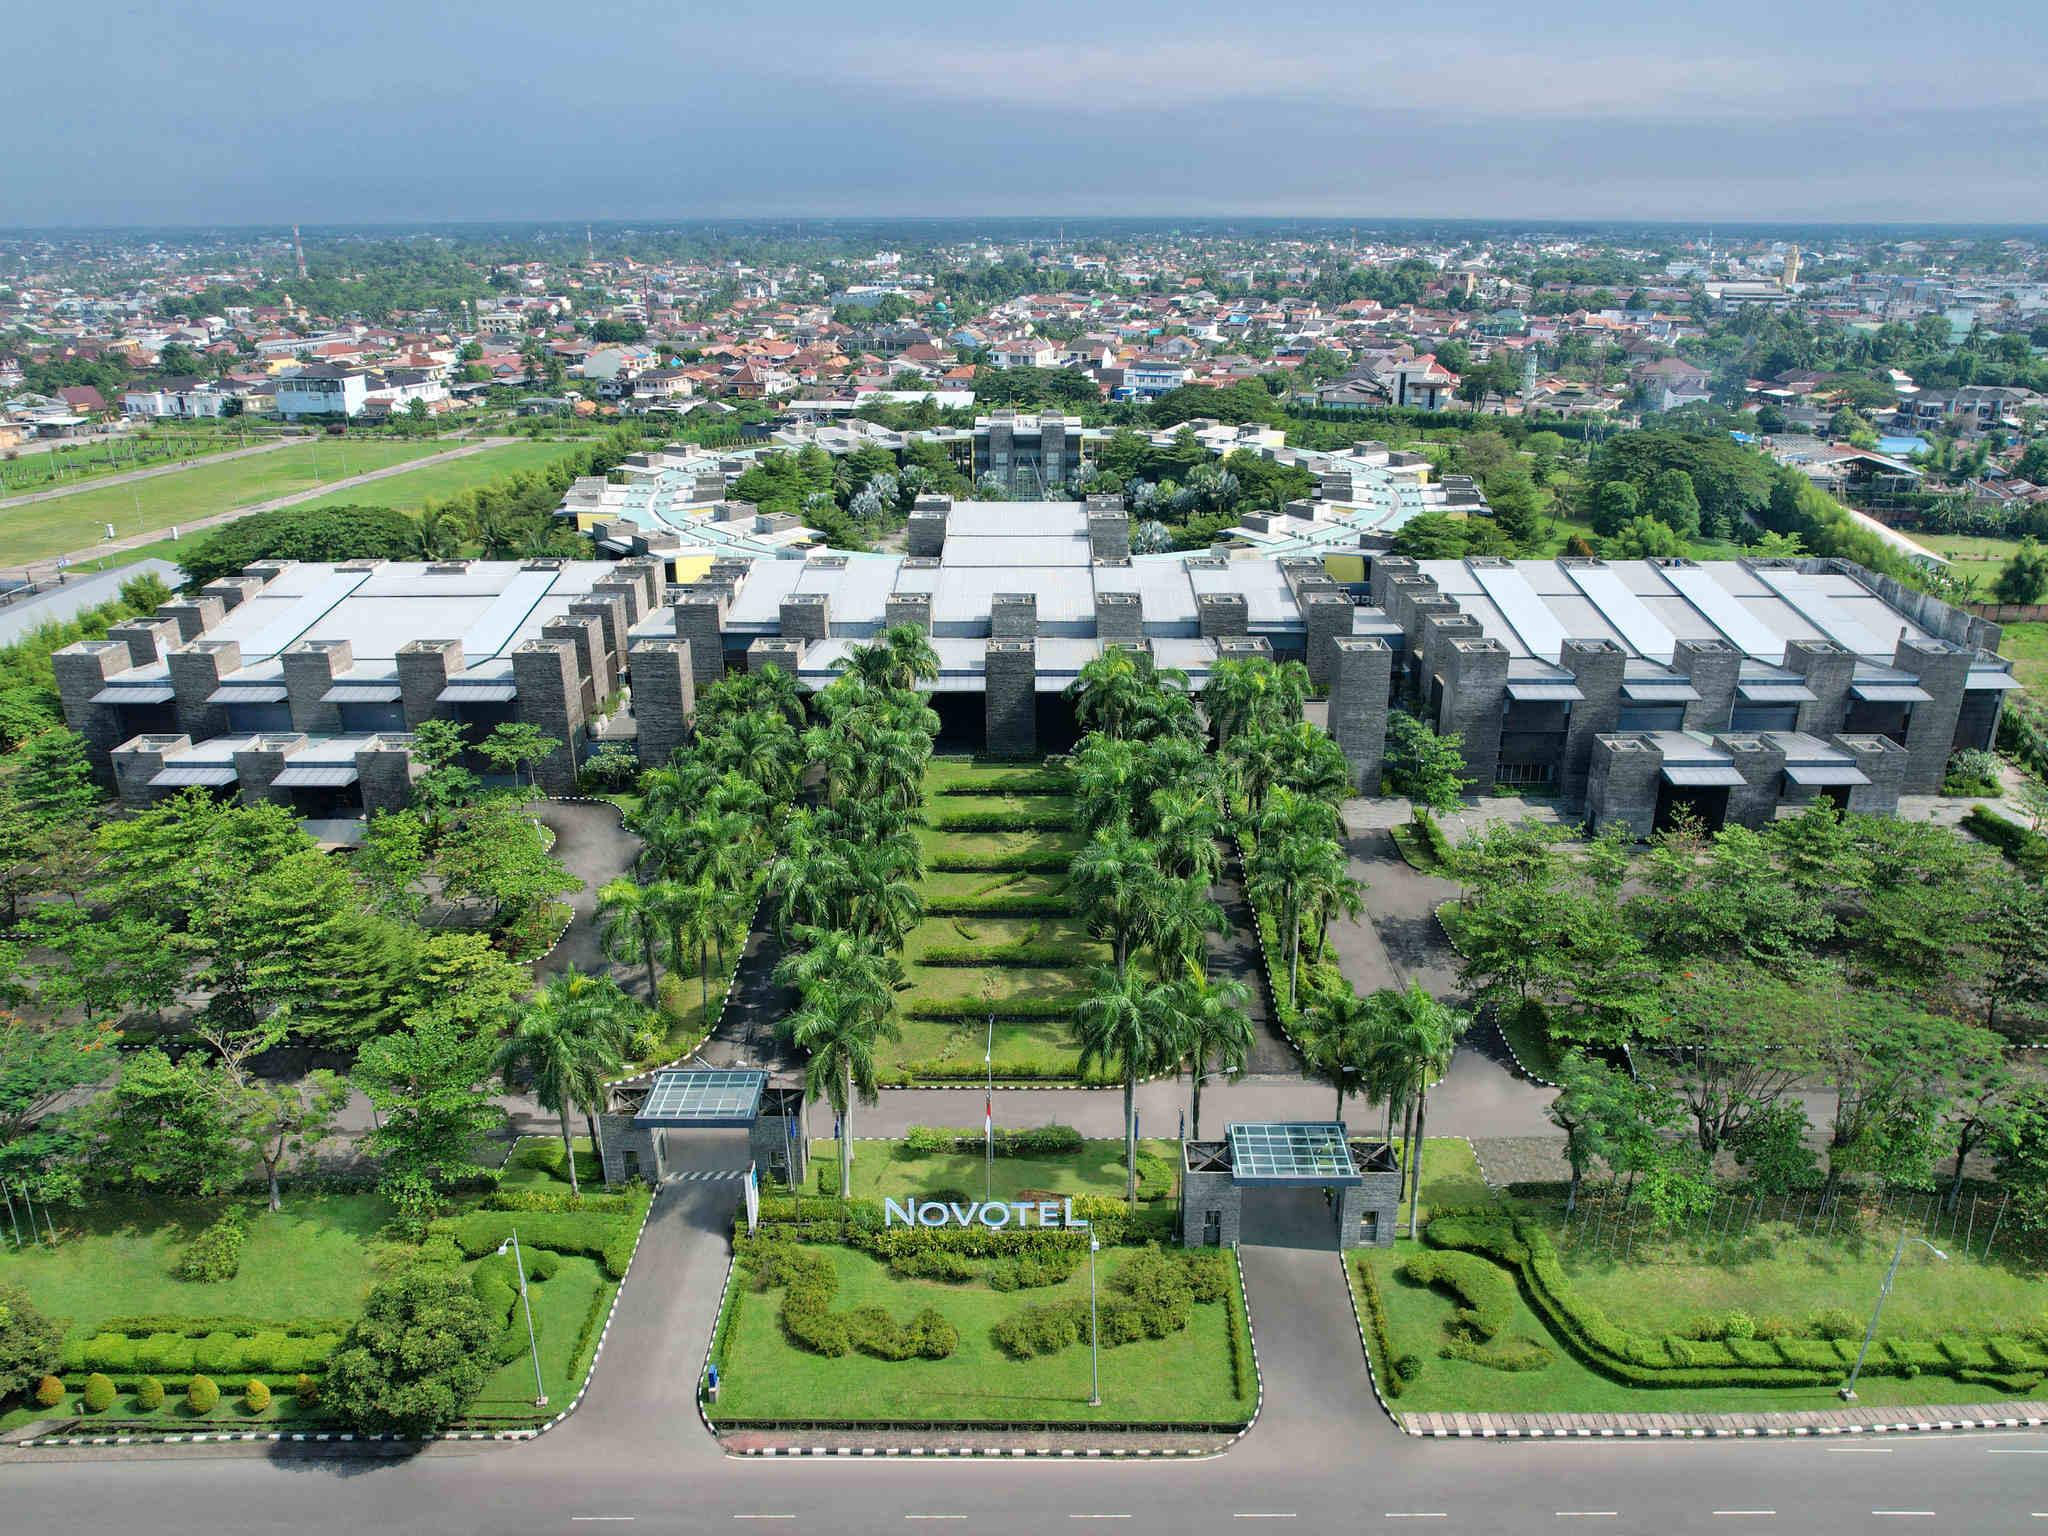 فندق - Novotel Palembang - Hotel & Residence